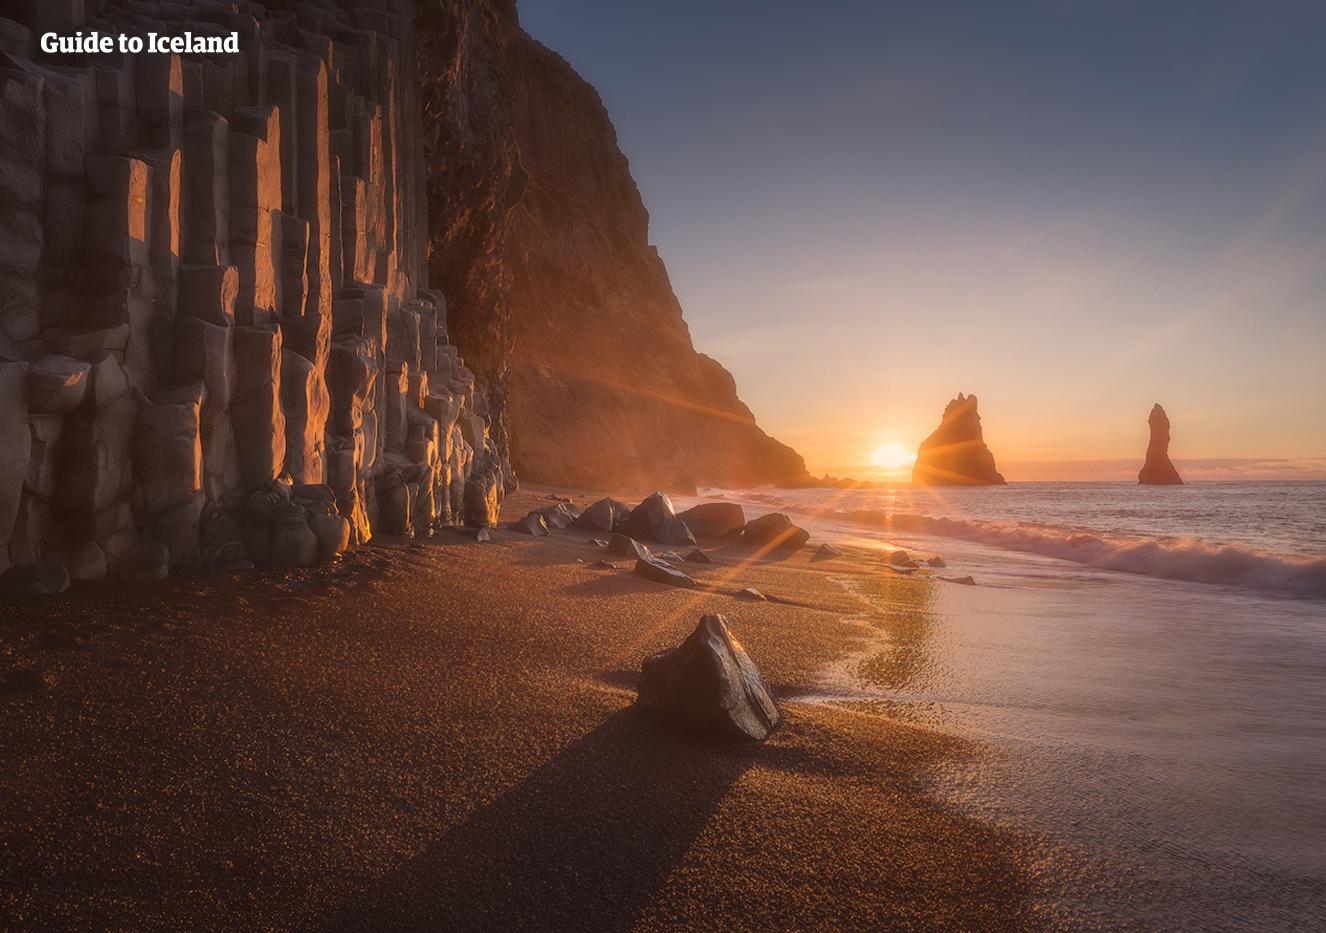 Słońce świeci na czarnej, piaszczystej plaży Reynisfjara, otoczonej klifami sześciokątnych bazaltowych kolumn.